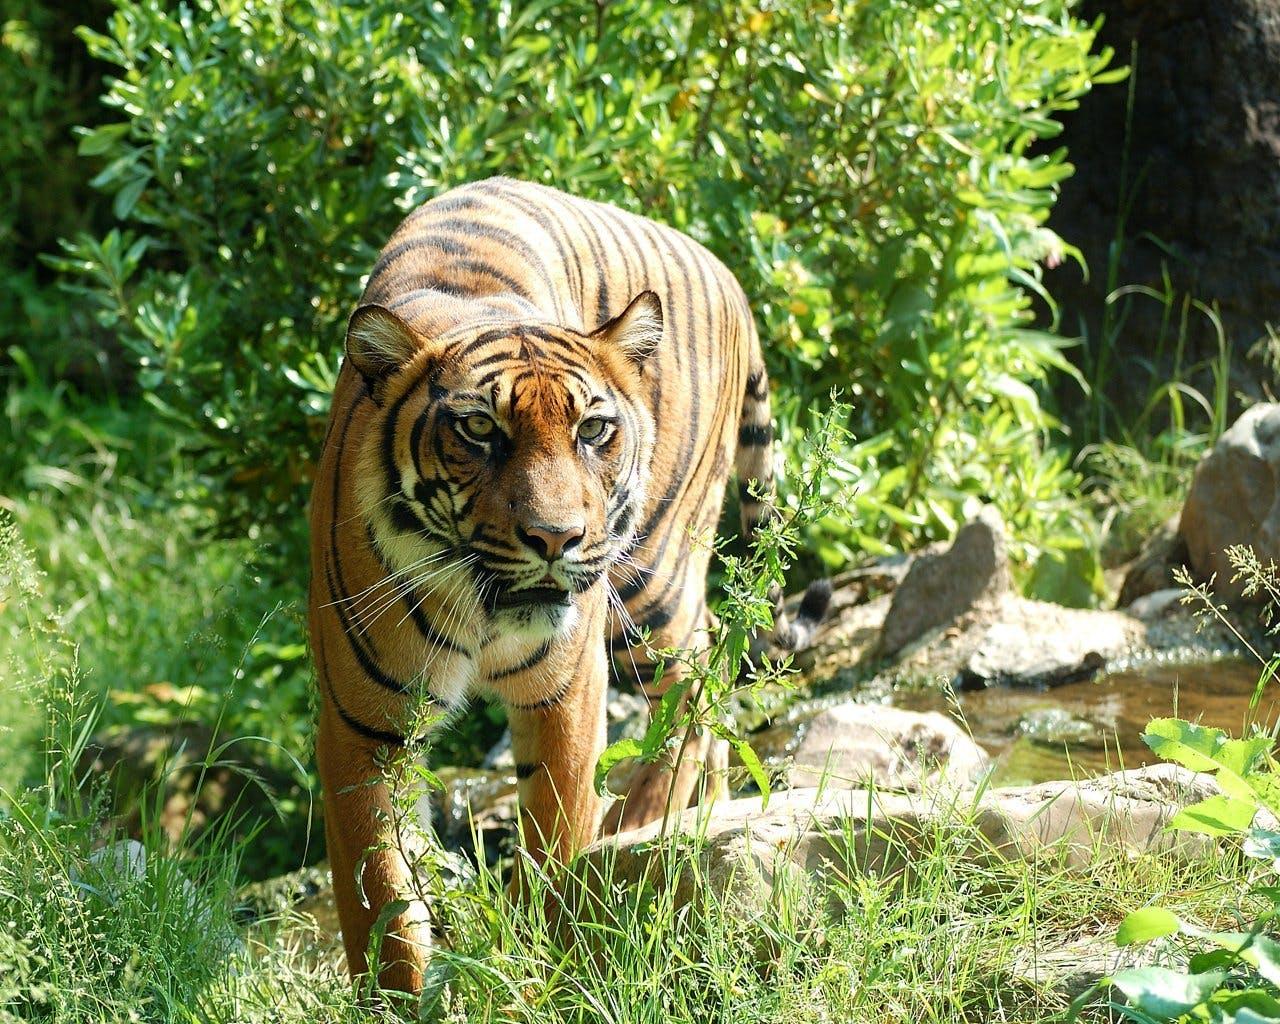 Kostenloses Stock Foto zu tier, tiger, tierwelt, große katze